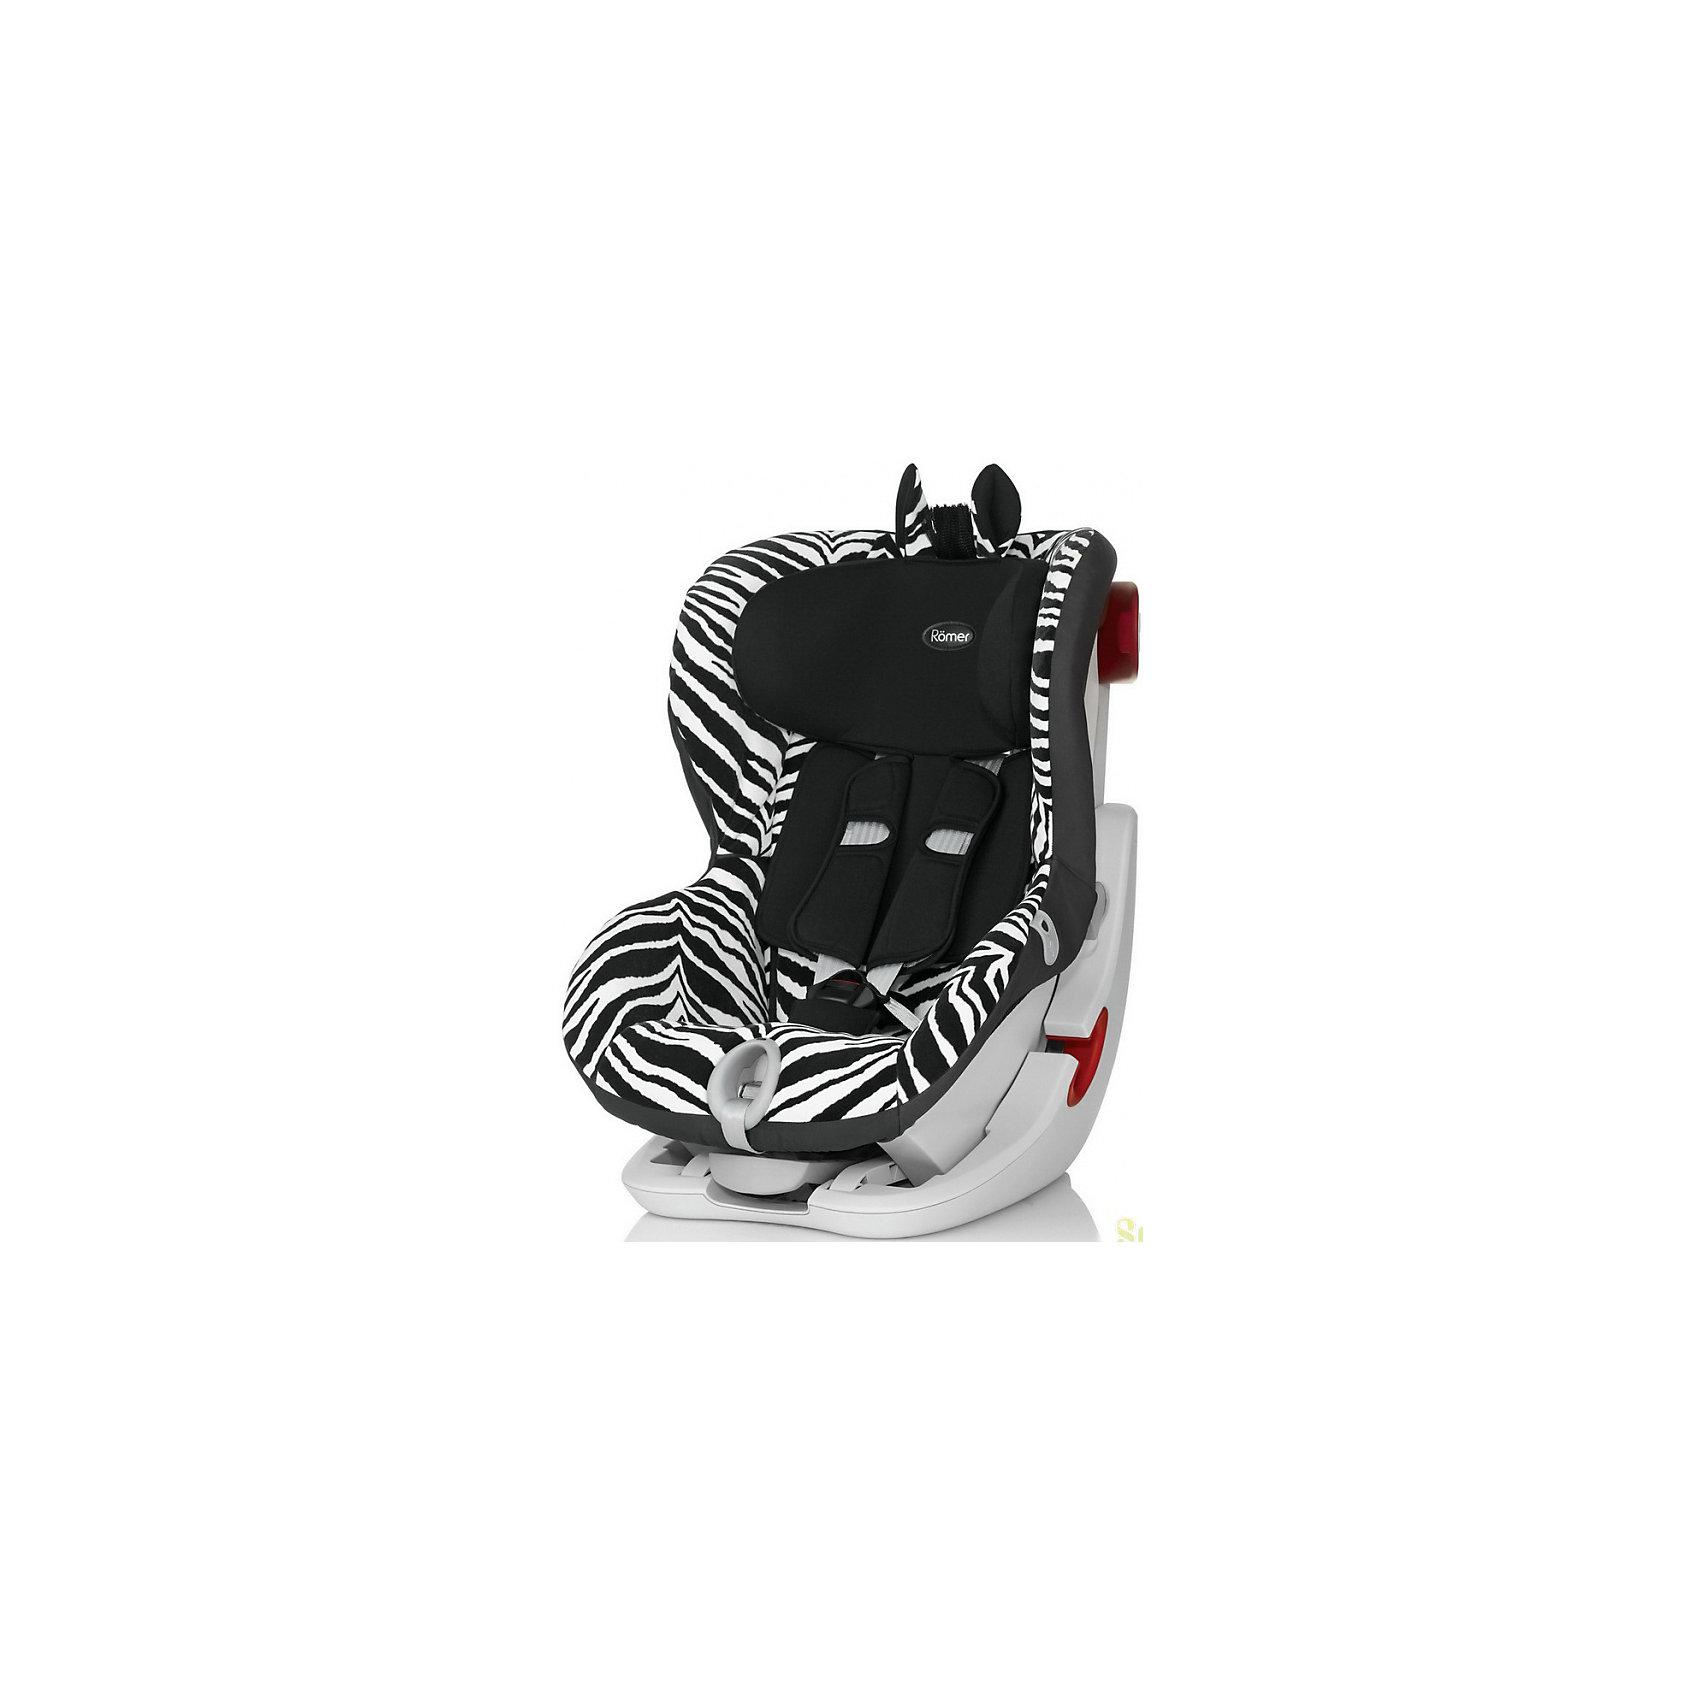 Автокресло Britax Romer KING II LS Smart 9-18 кг, ZebraГруппа 1 (От 9 до 18 кг)<br>KING II LS от Britax R?mer - автокресло с привлекательным дизайном, отвечающее всем требованиям безопасности. Кресло оснащено 5-точечными ремнями безопасности с индикатором натяжения и звуковым и световым сигналом, механизмом откидывания вперед, глубокими мягкими боковинами, мягкими накладками на ремень для плеч. Приятный дизайн с расцветкой зебры  понравится ребенку и обеспечит ему максимальную безопасность и комфорт!<br>Особенности:<br>-для детей весом от 9 до 18 кг<br>-5-точечные ремни безопасности<br>-индикатор натяжения ремней со звуковым и световым сигналом<br>-4 положения наклона<br>-установка по ходу движения с помощью ремней безопасности автомобиля<br>-чехол легко снимается для стирки<br><br>Дополнительная информация:<br>Цвет: черный/белый<br>Размеры: 67х45х54 см<br>Вес: 10,3 кг<br>Вы можете приобрести автокресло KING II LS от Britax R?mer в нашем интернет-магазине.<br><br>Ширина мм: 540<br>Глубина мм: 450<br>Высота мм: 670<br>Вес г: 10300<br>Возраст от месяцев: 9<br>Возраст до месяцев: 48<br>Пол: Унисекс<br>Возраст: Детский<br>SKU: 4794365